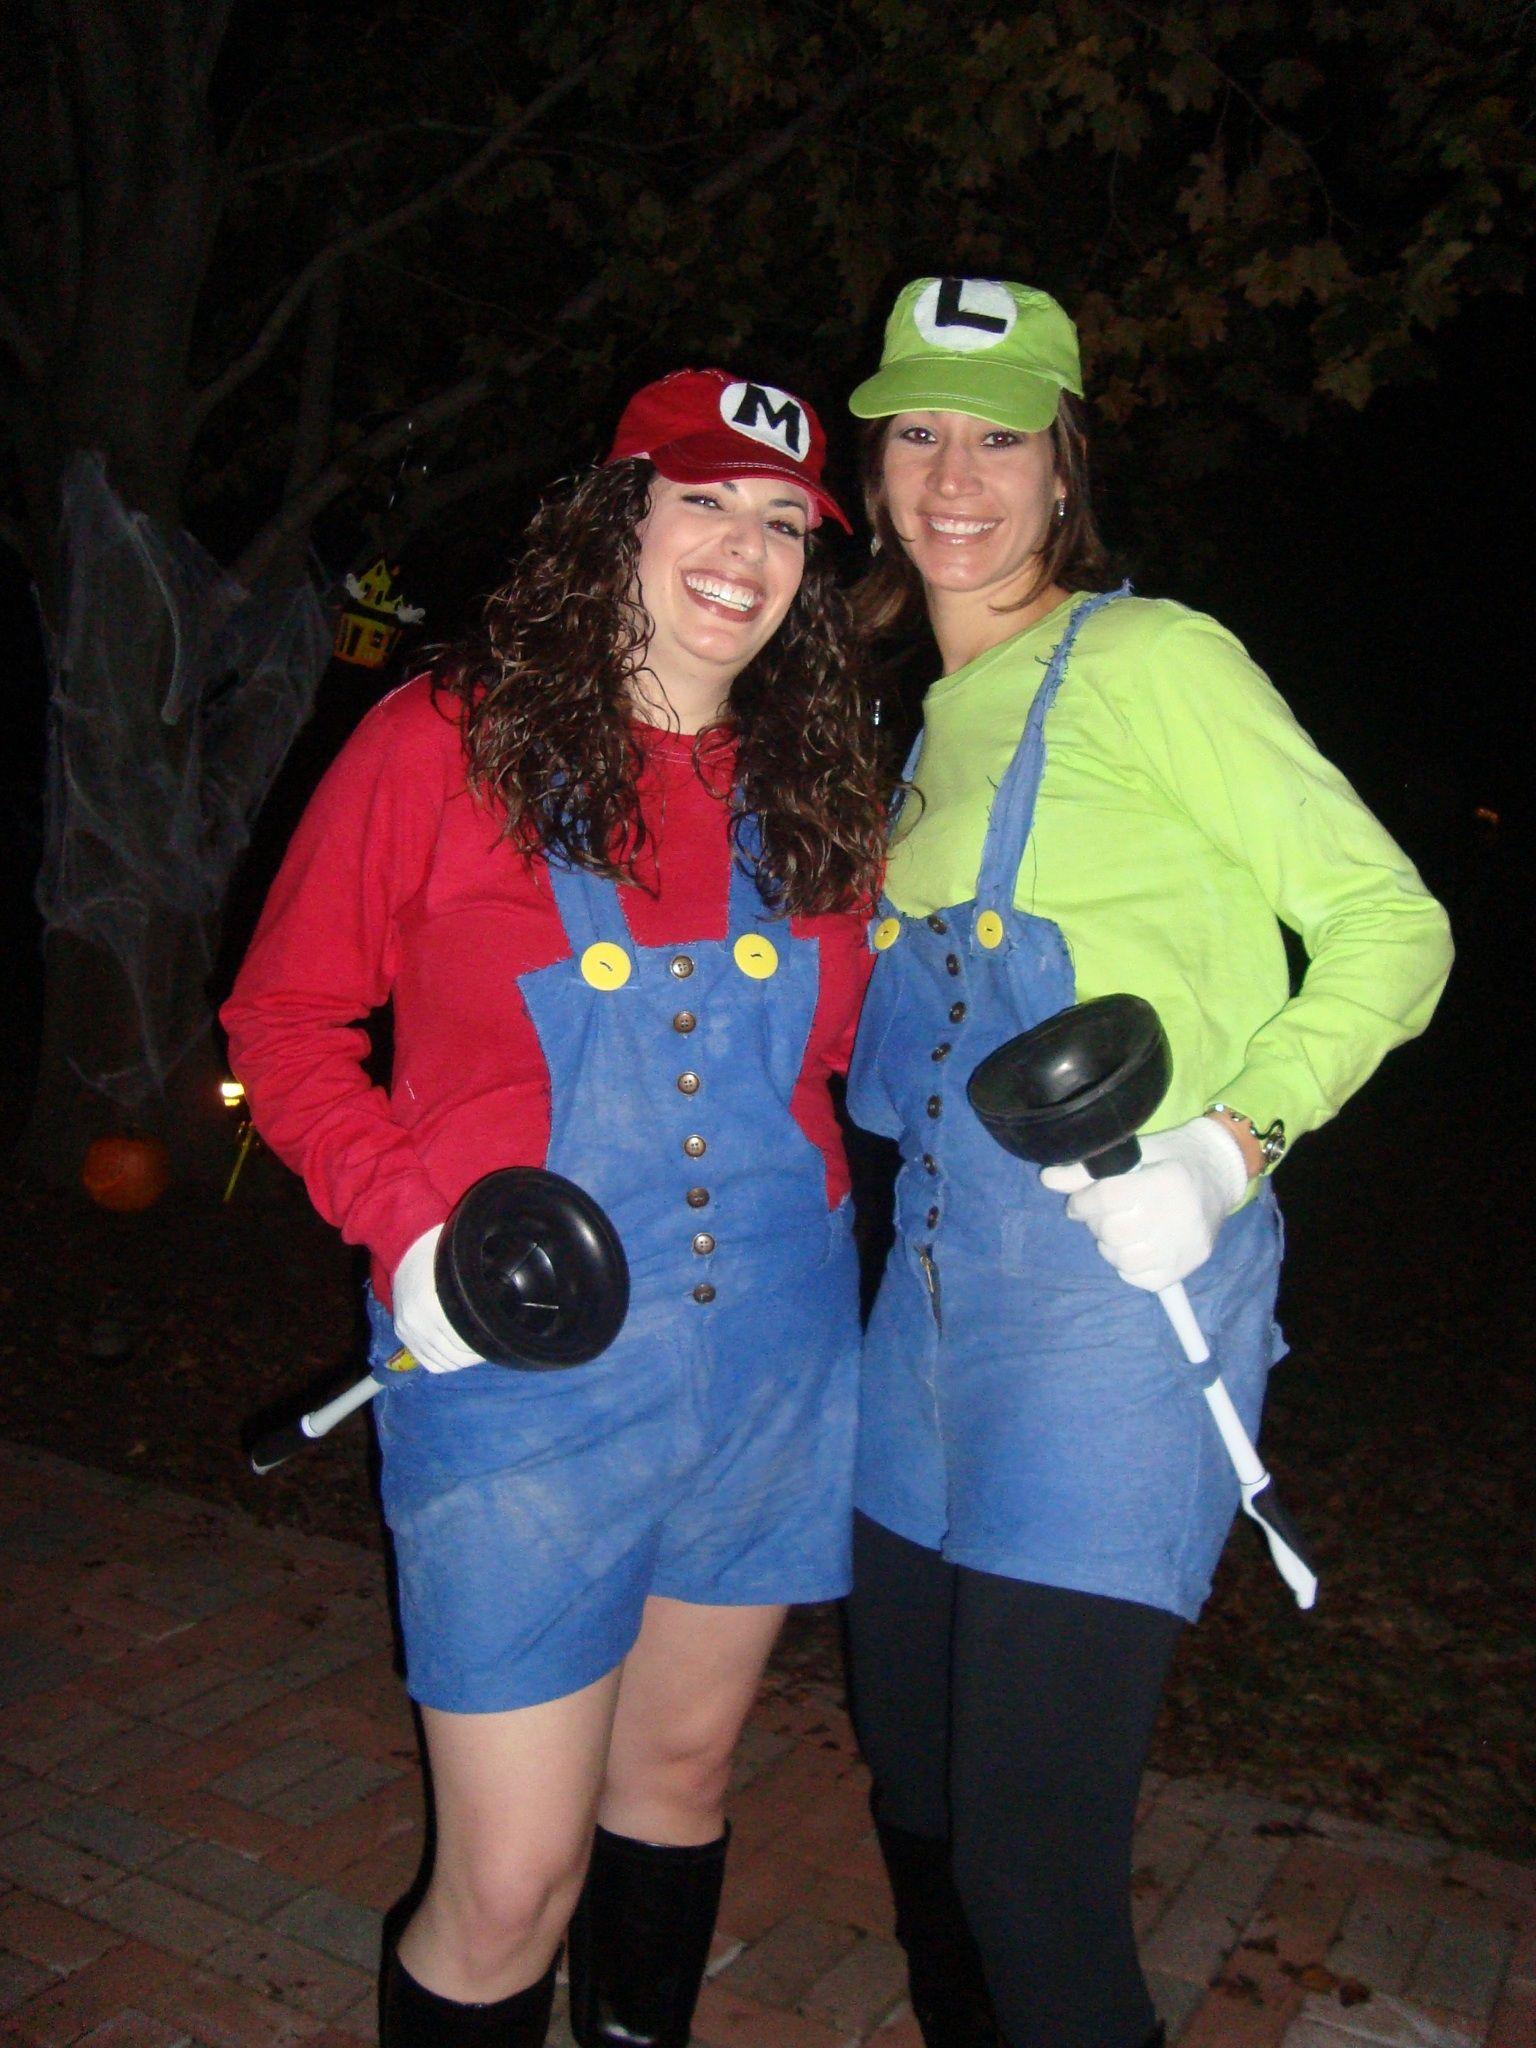 couple halloween costumes, friend halloween costume, duo halloween